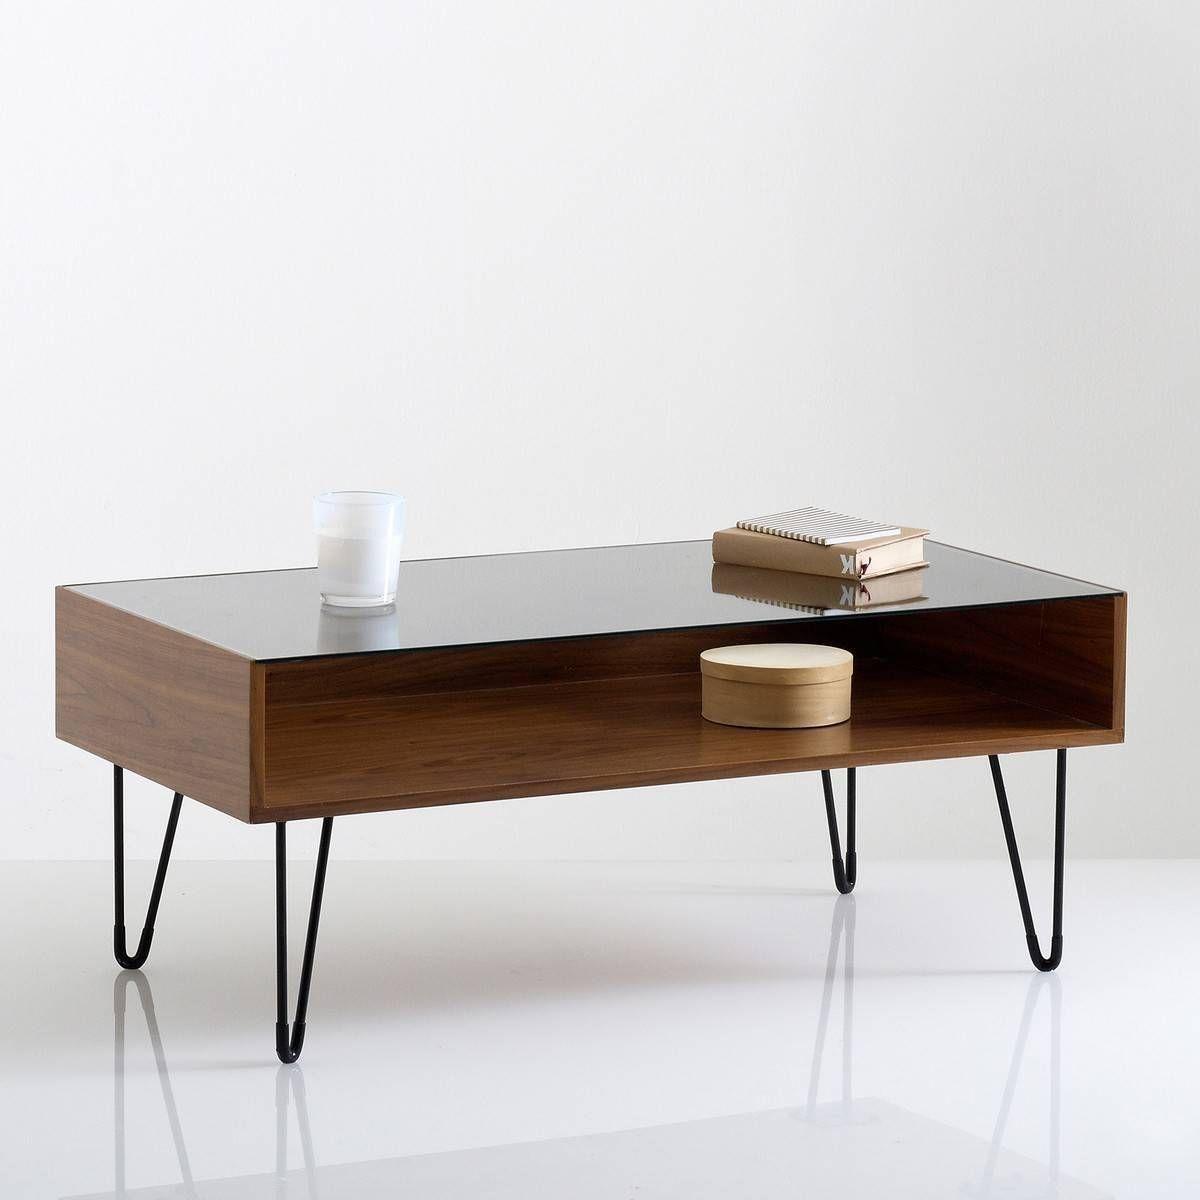 Mesitas Minimalistas De Centro O De Cafe Muy De Moda Coffee Table Glass Round Dining Table Tempered Glass Table Top [ 1200 x 1200 Pixel ]